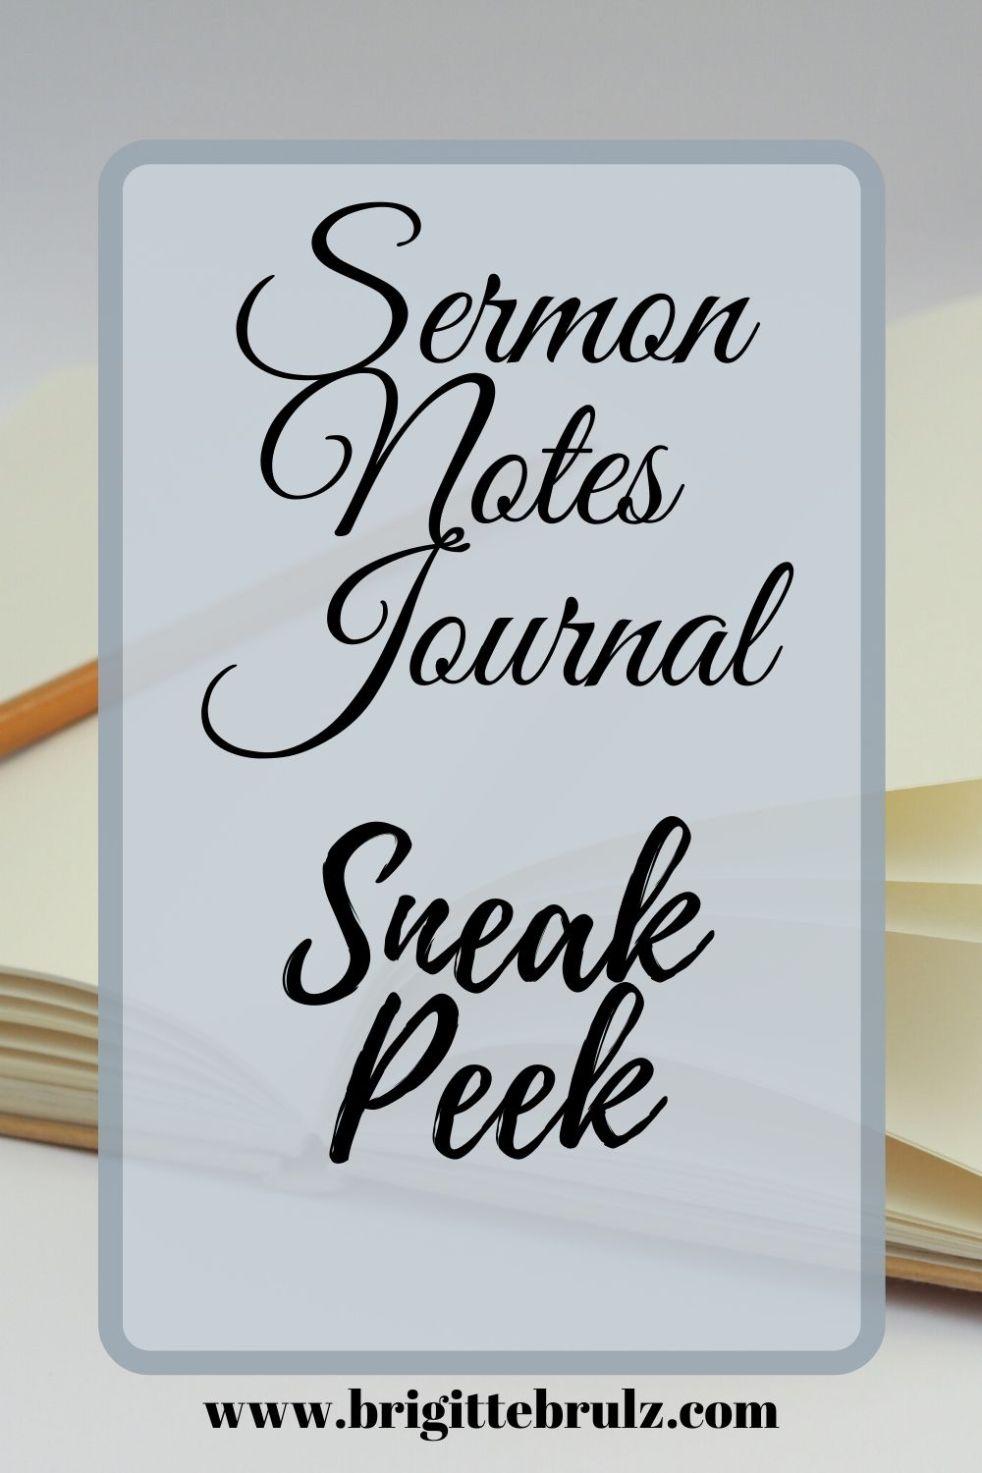 Sermon Notes Journal Sneak Peek